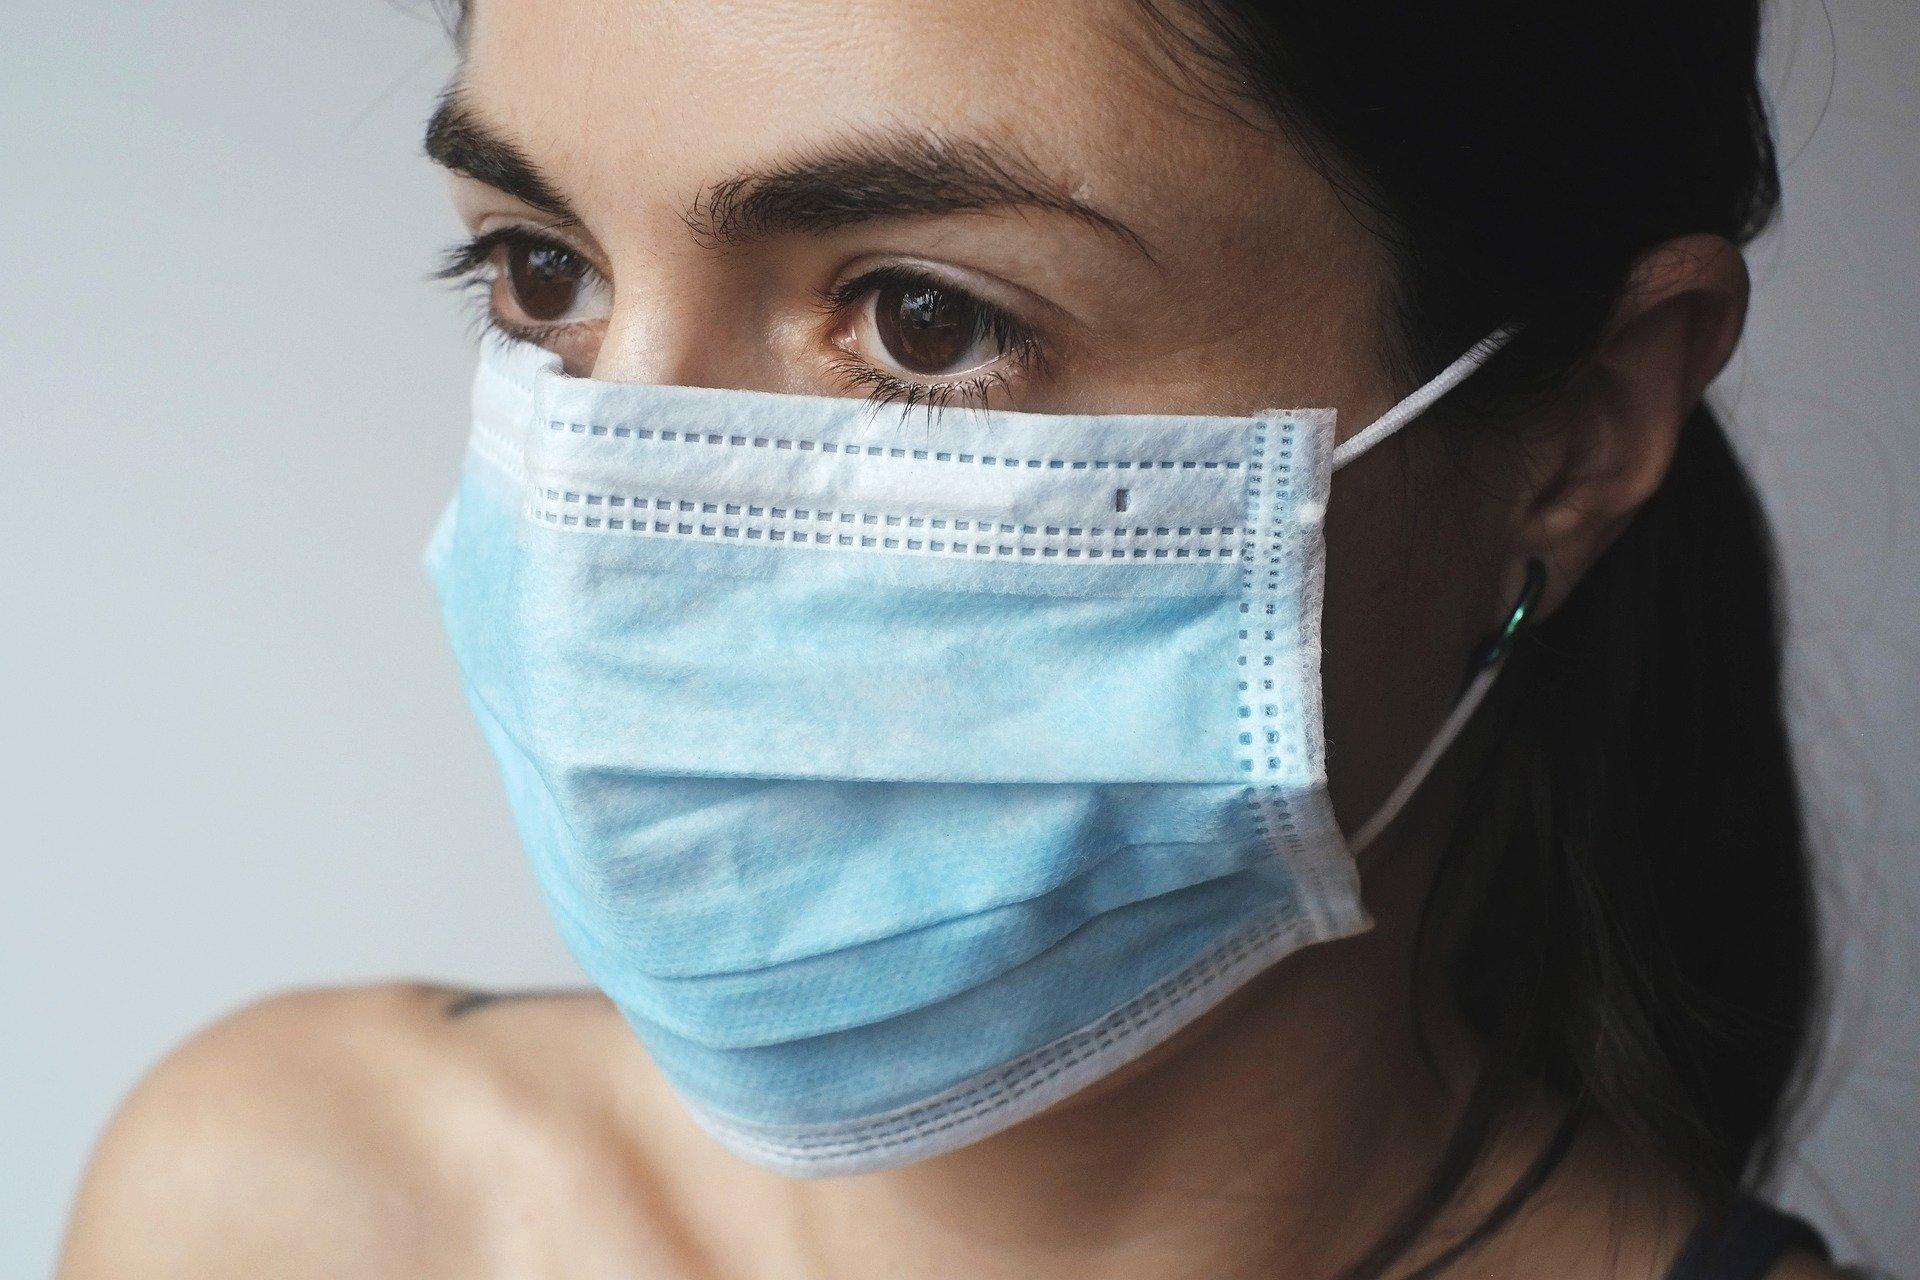 क्या COVID-19 महामारी के दौरान पल्स ऑक्सीमीटर खरीदना एक अच्छा विकल्प है?